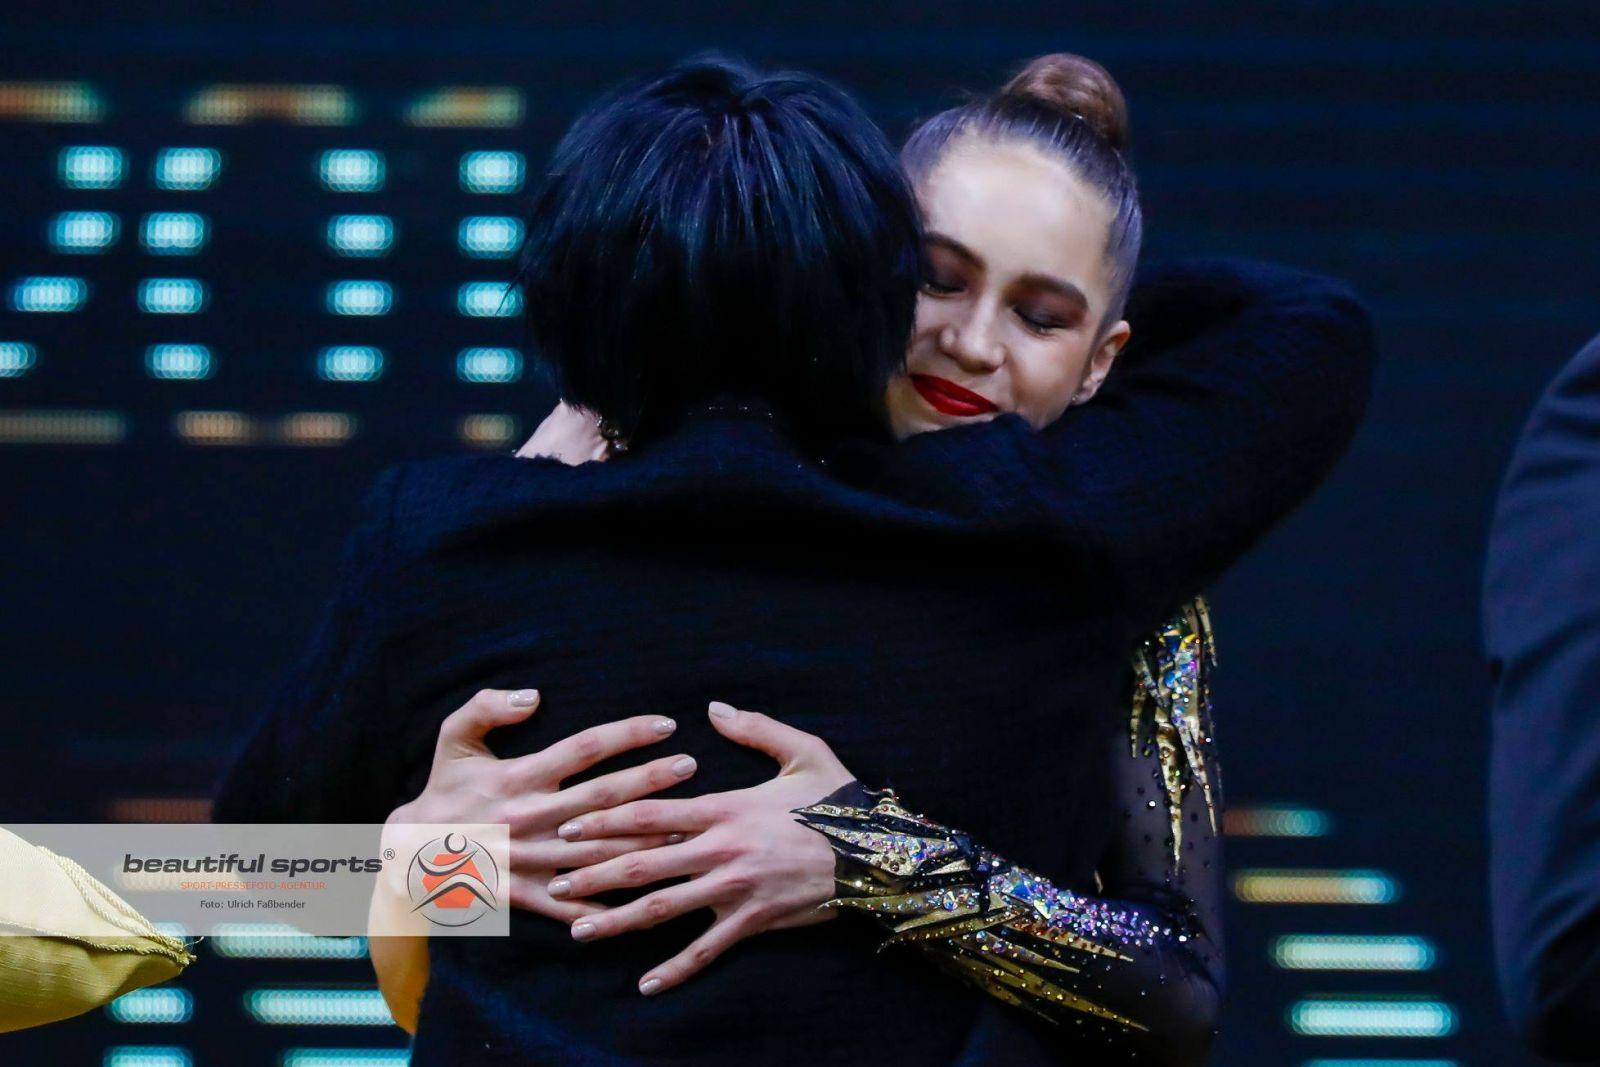 Влада Никольченко принимает поздравления от Ирины Дерюгиной